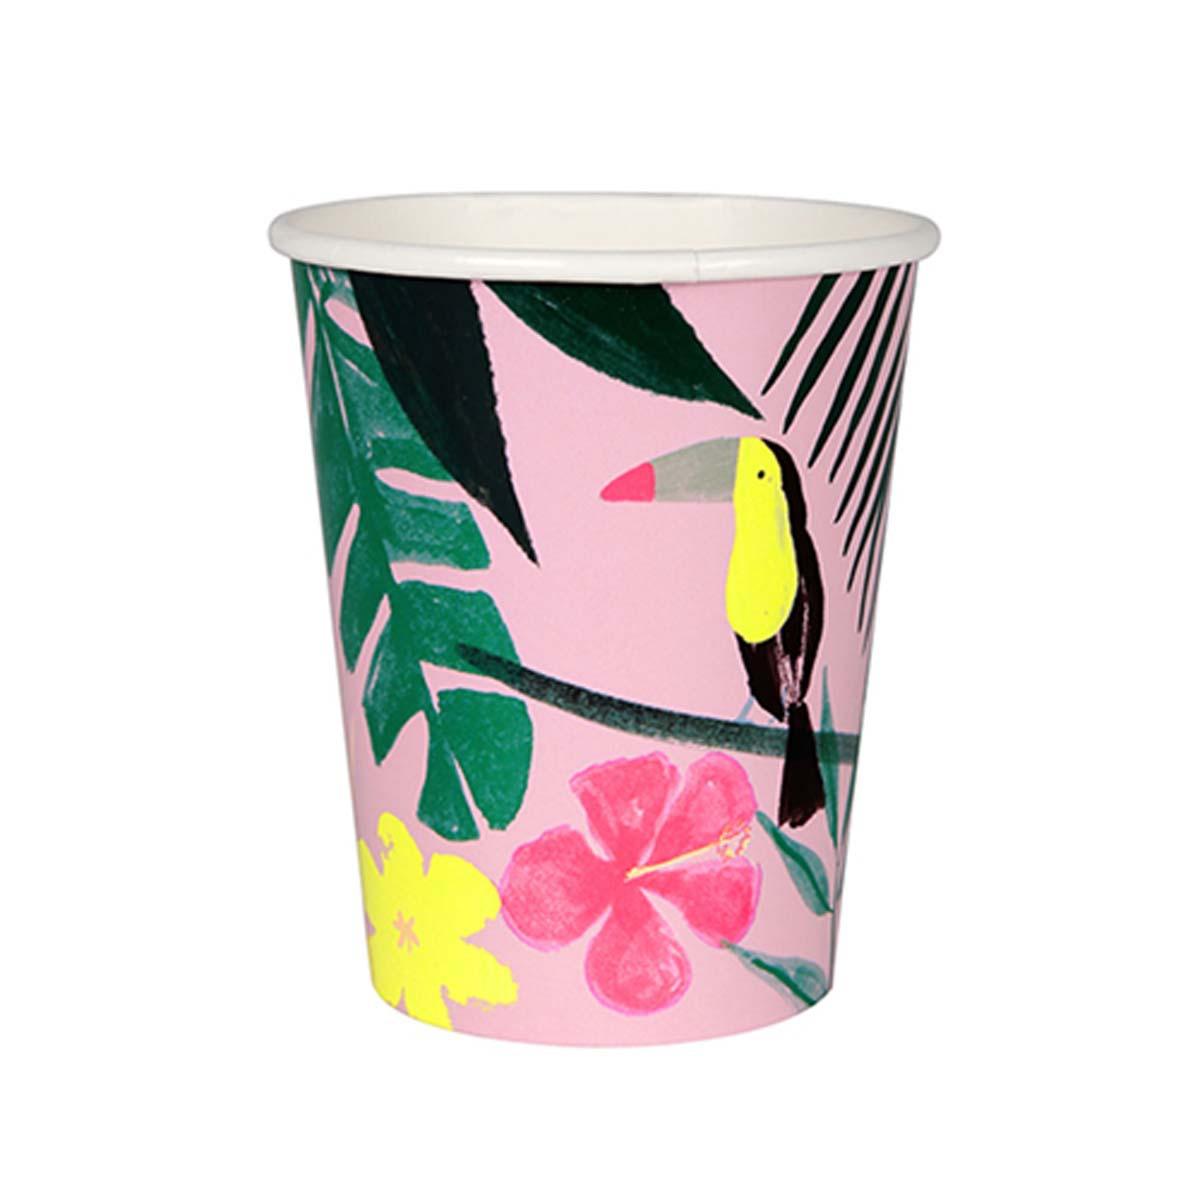 Anniversaire & Fête Lot de 12 Gobelets Tropical - Rose Lot de 12 Gobelets Tropical - Rose